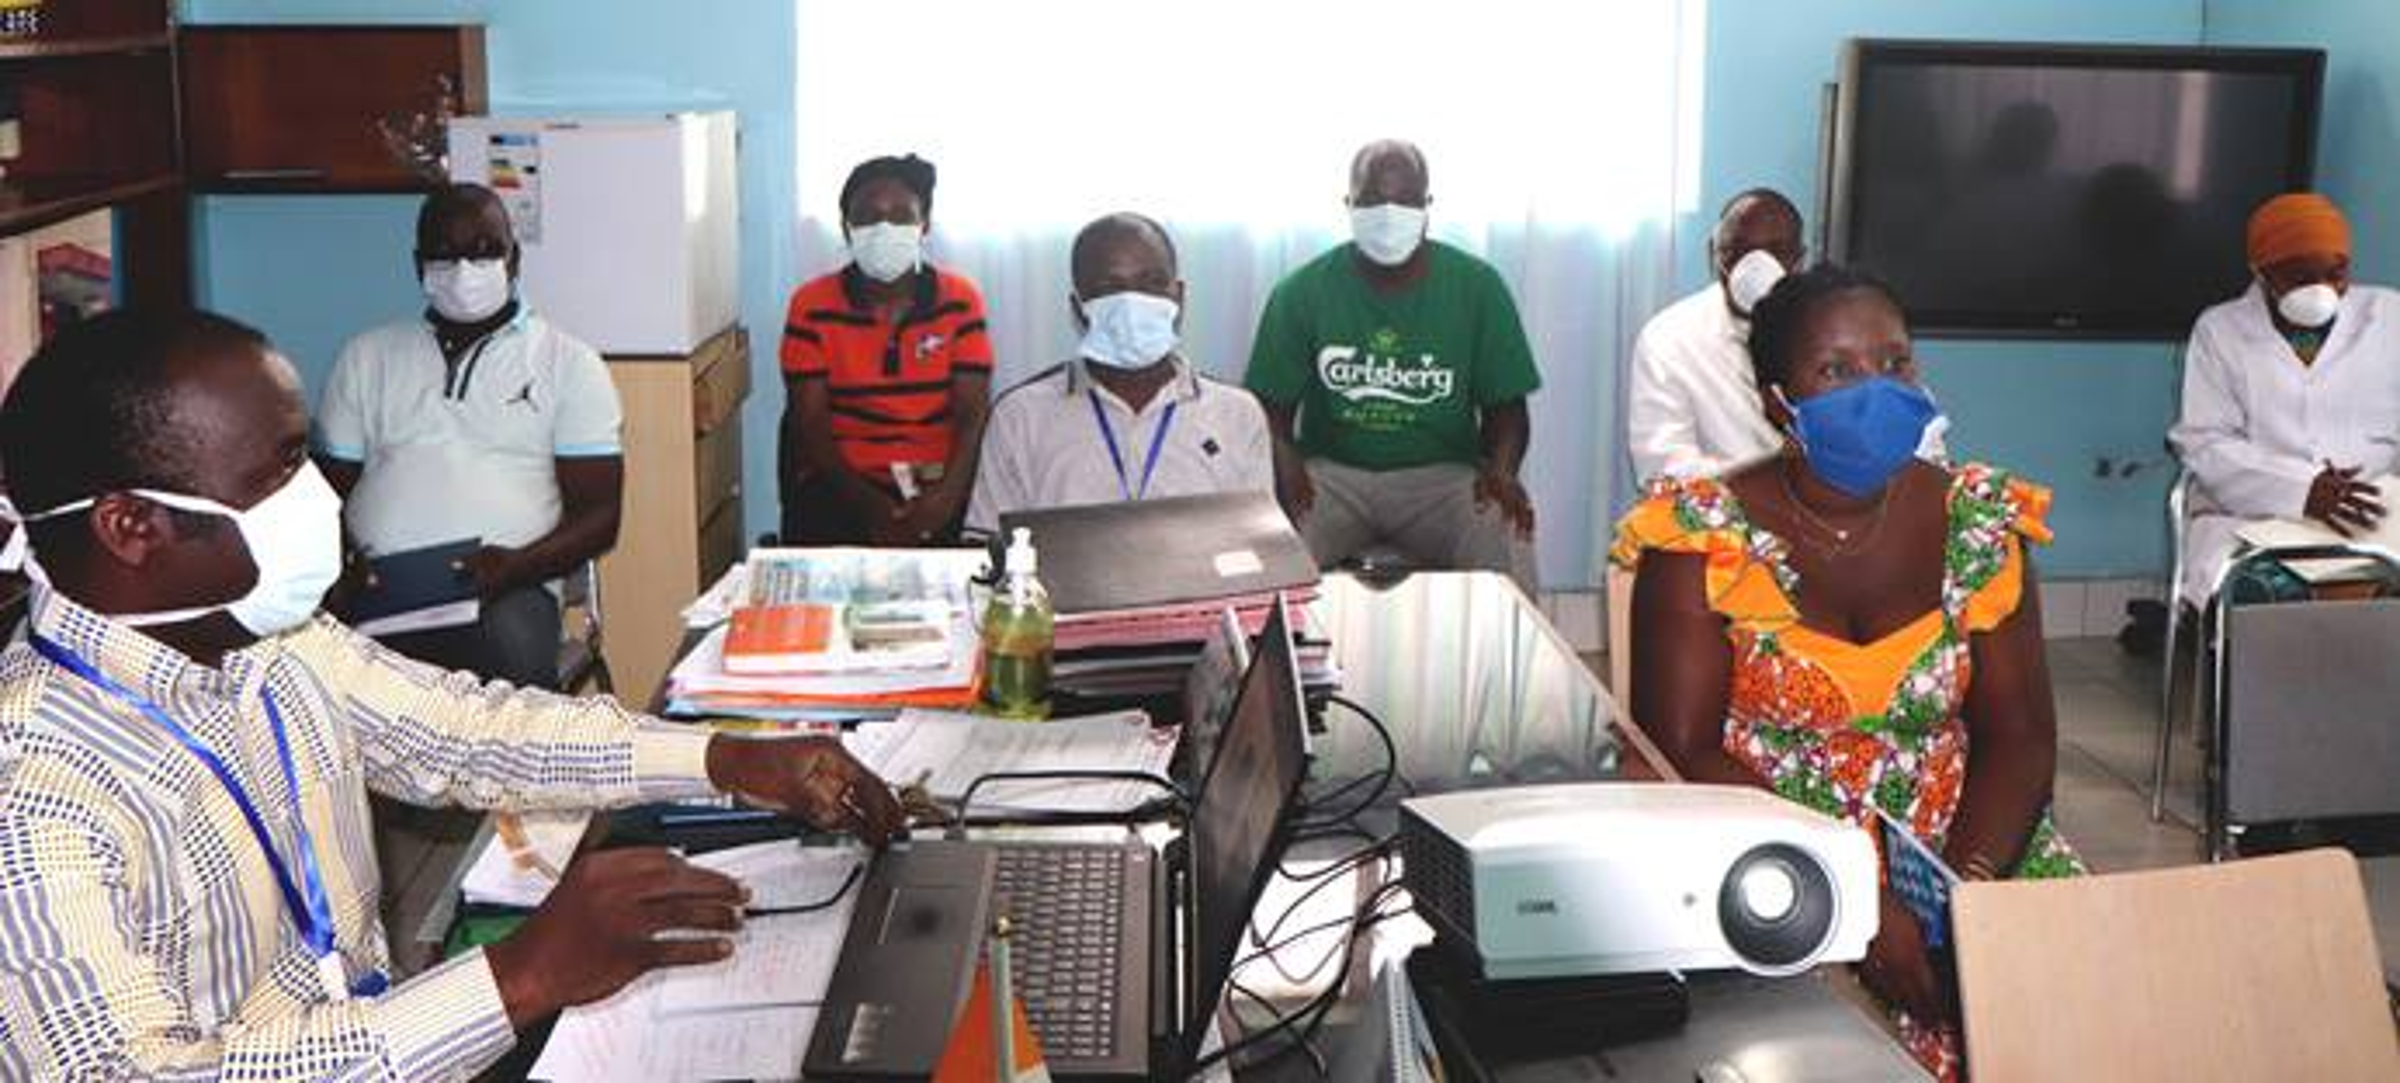 Le Dr Daniel Ahui (à gauche), spécialiste des maladies infectieuses et tropicales et directeur de l'hôpital Méthodiste Uni de Dabou, en Côte d'Ivoire, forme le personnel de la pharmacie et du laboratoire sur la manière de traiter les cas suspects et confirmés de COVID-19. Bien qu'il n'y ait pas encore de cas de coronavirus dans cette ville, l'hôpital prend des mesures pour éviter d'être pris au dépourvu. Photo de Isaac Broune, UM News.